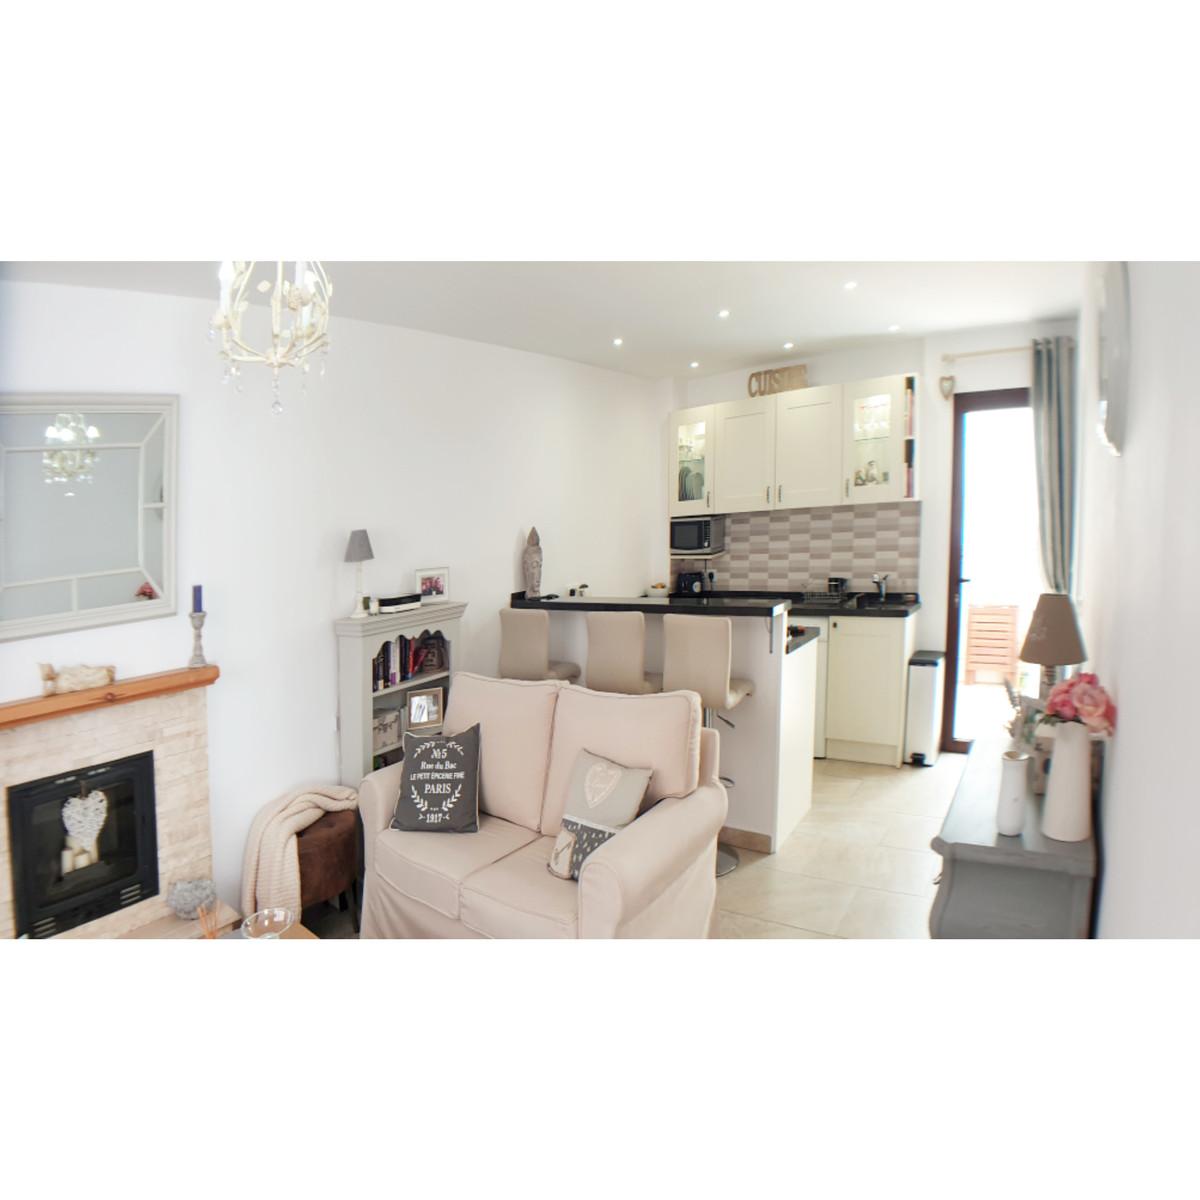 Ground Floor Apartment for sale in La Duquesa R3650111